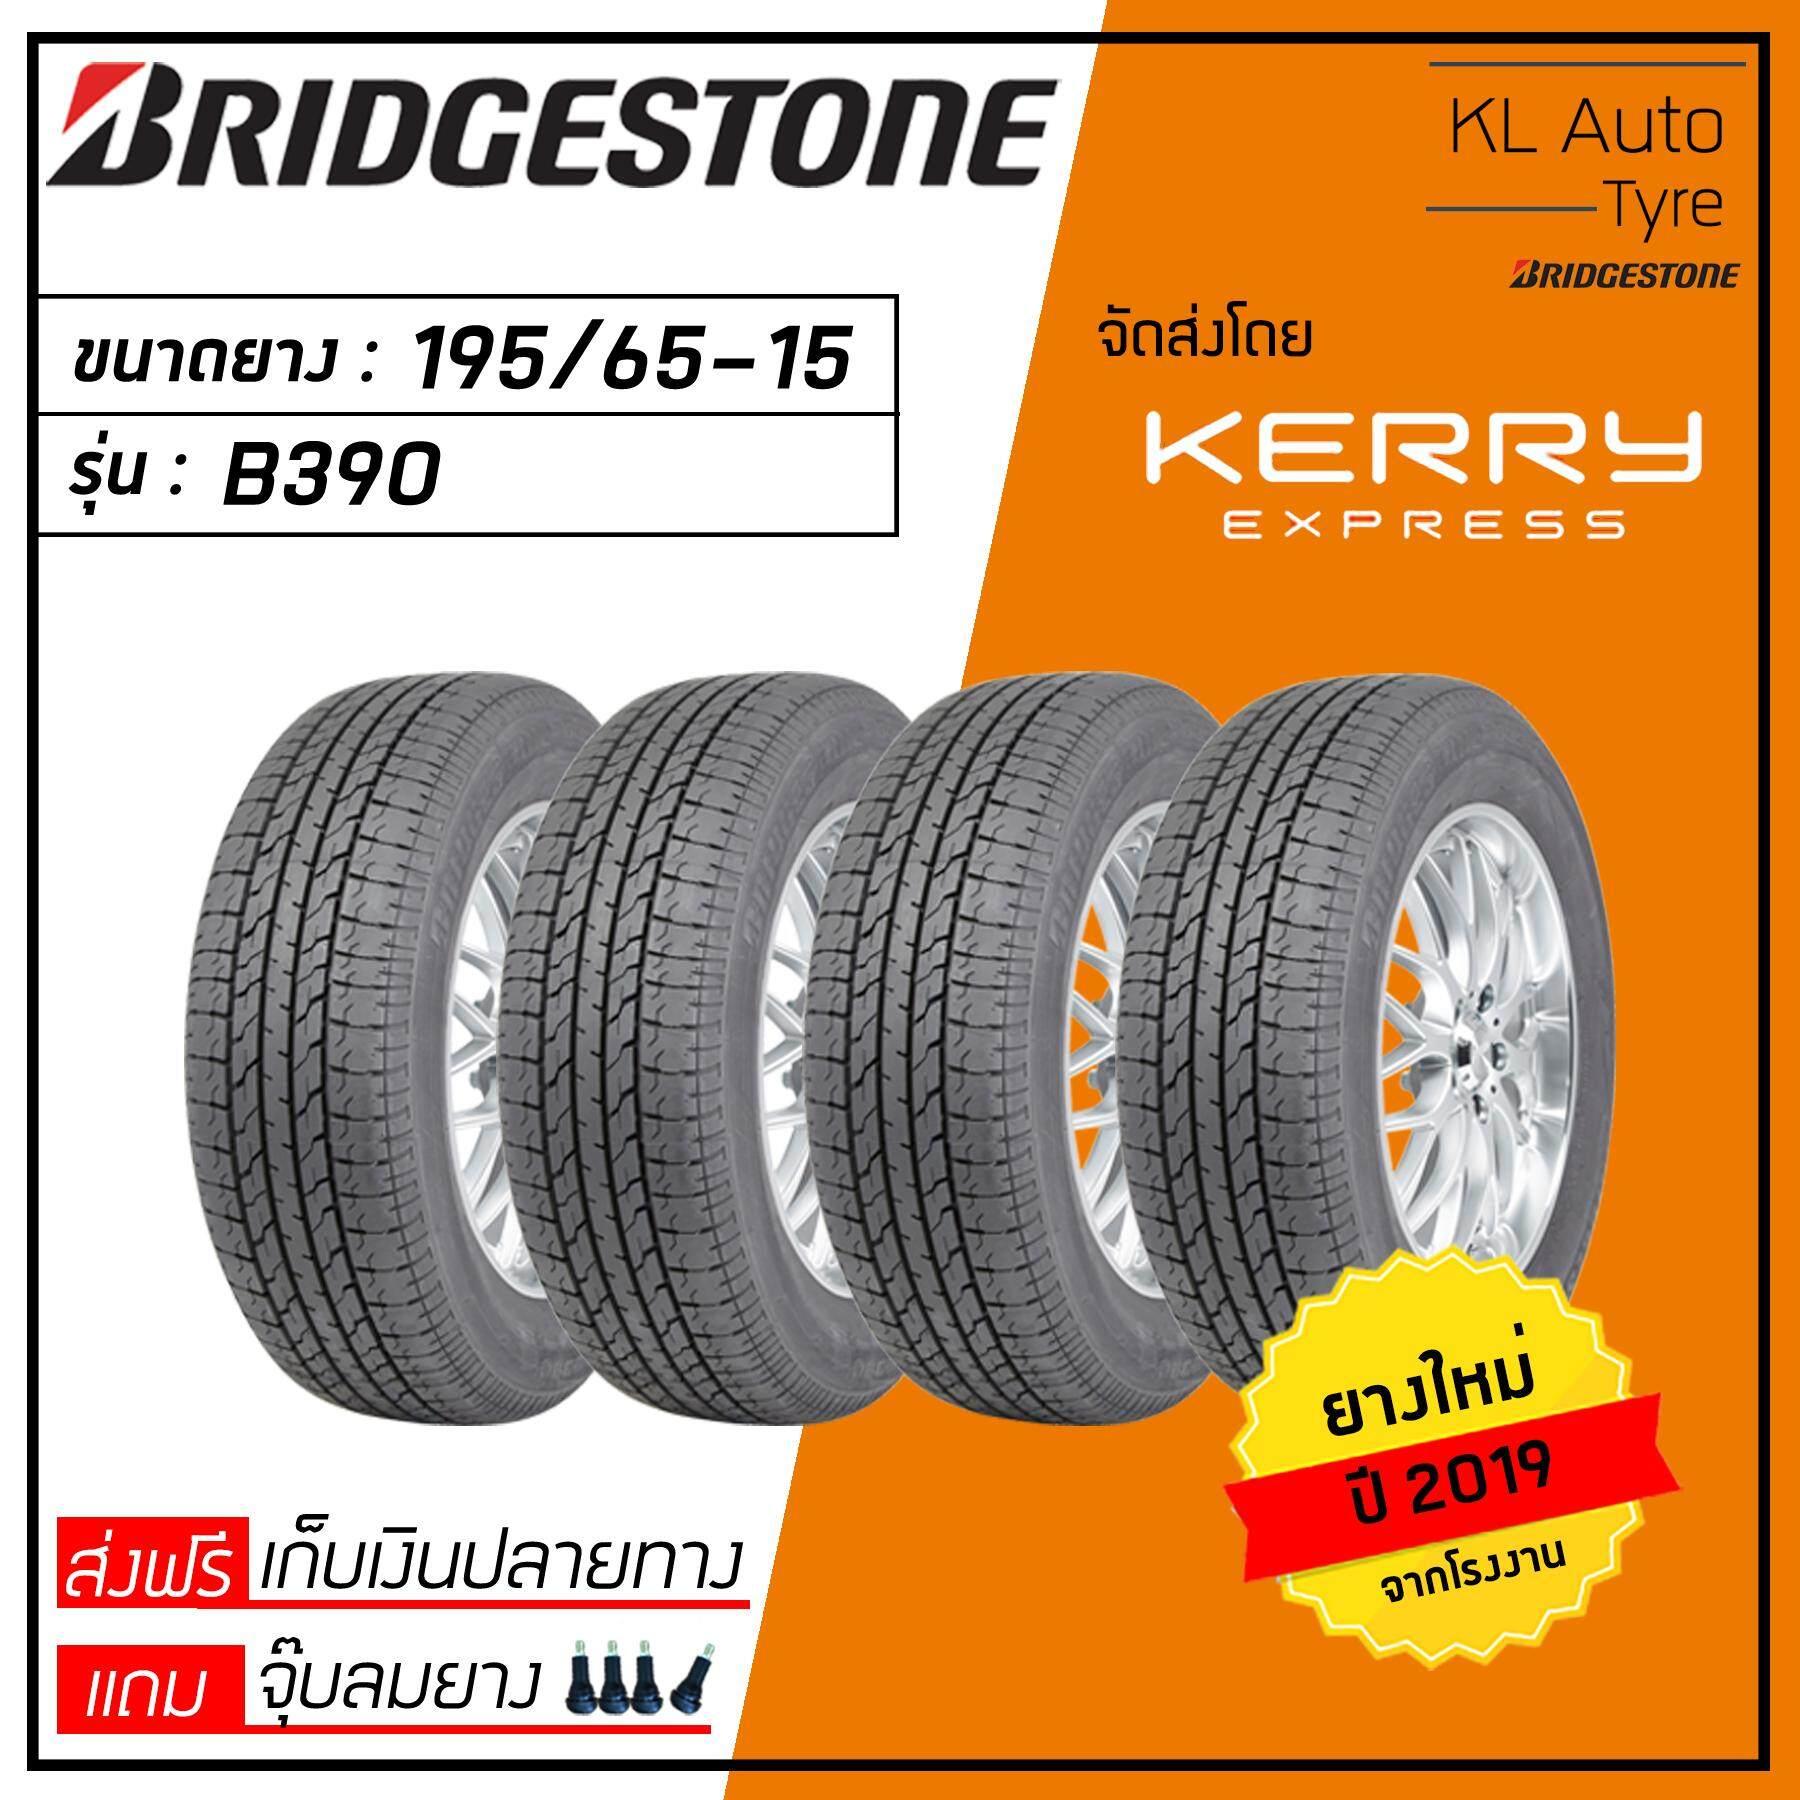 นราธิวาส Bridgestone 195/65-15 B390 4 เส้น ปี 19 (ฟรี จุ๊บยาง 4 ตัว มูลค่า 200 บาท)